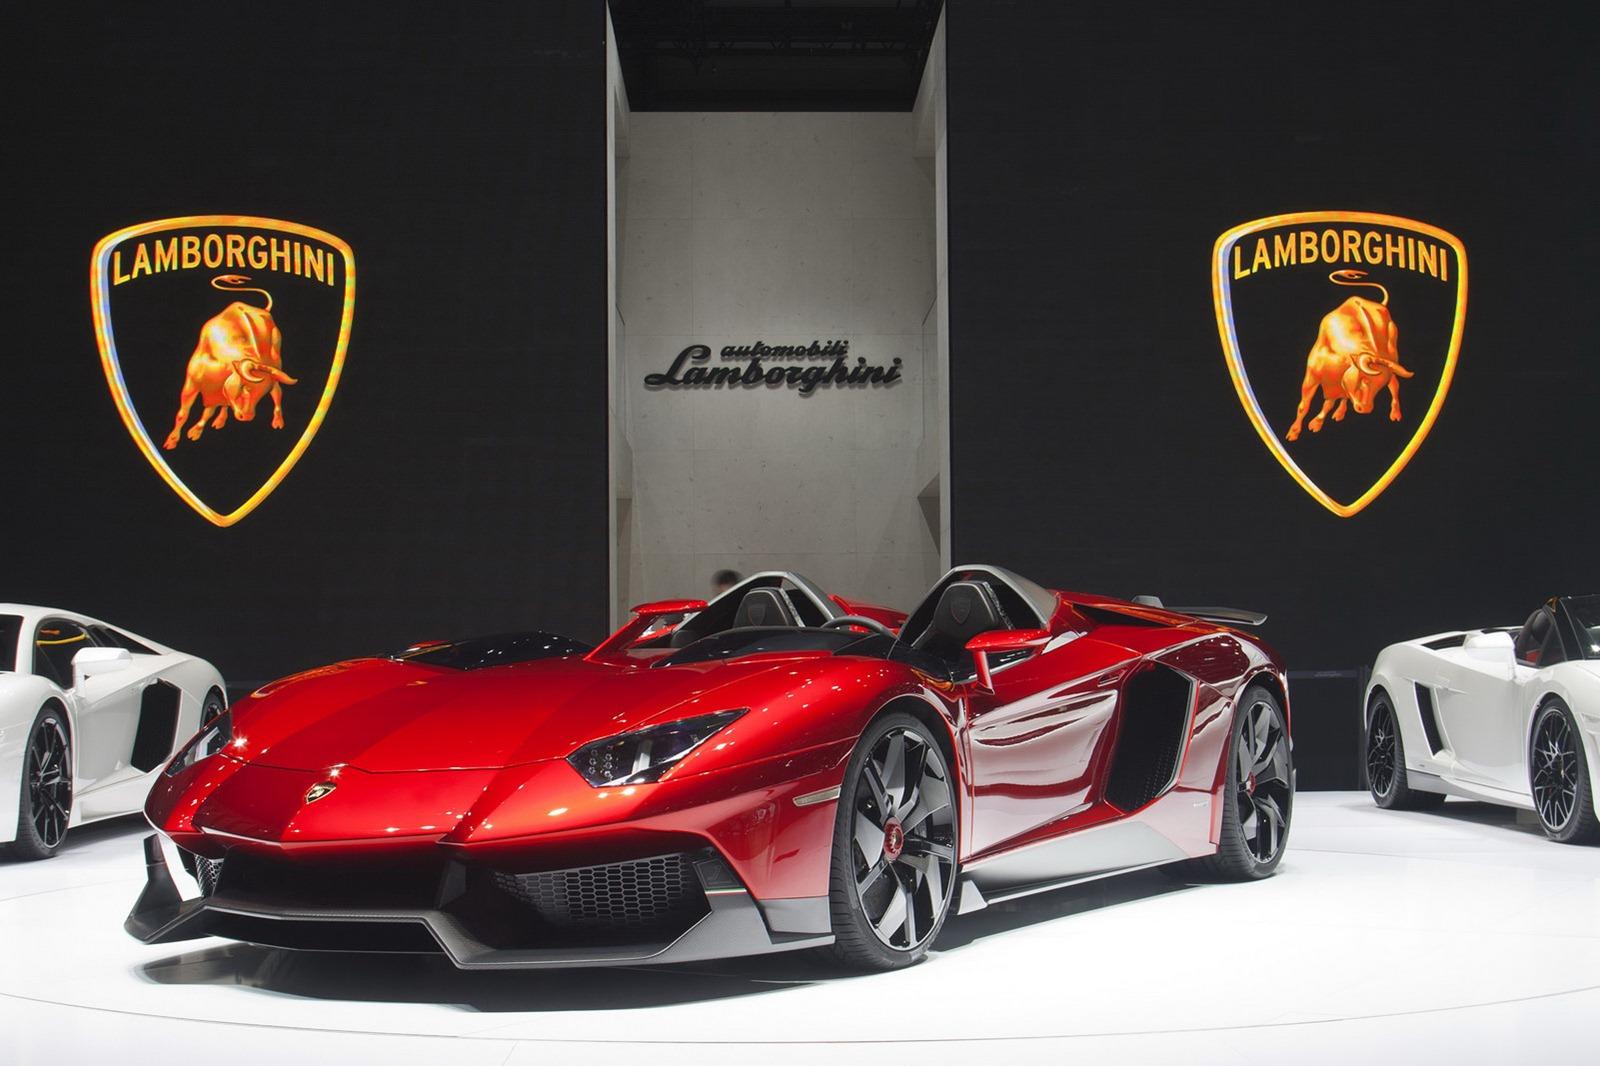 Nova Lamborghini Aventador j 2013 – Modelo, Vídeos, Fotos, Funções